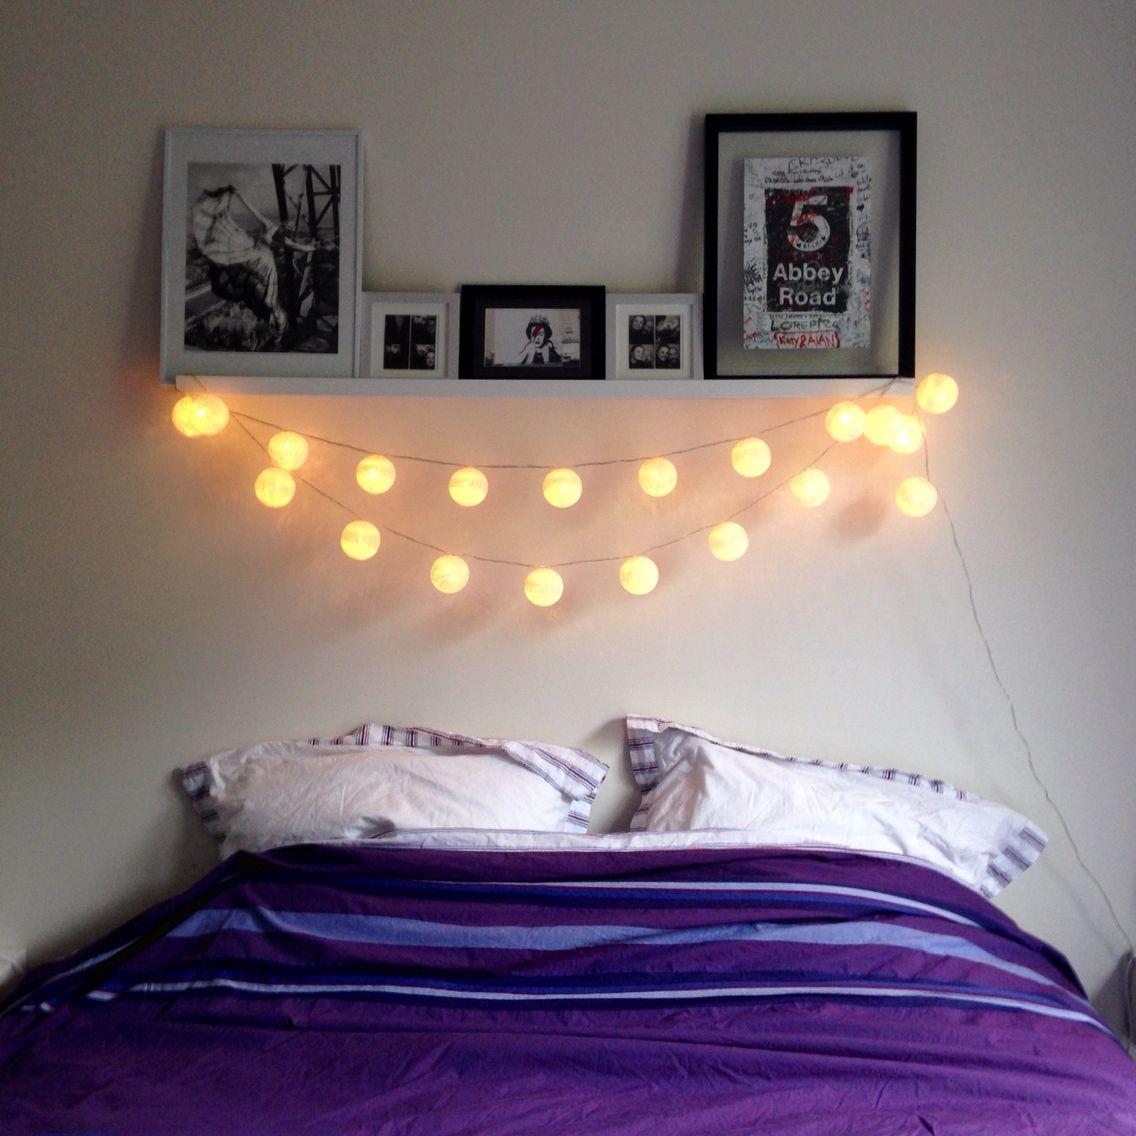 Tête de lit étagère, cadres et guirlande lumineuse  Deco chambre